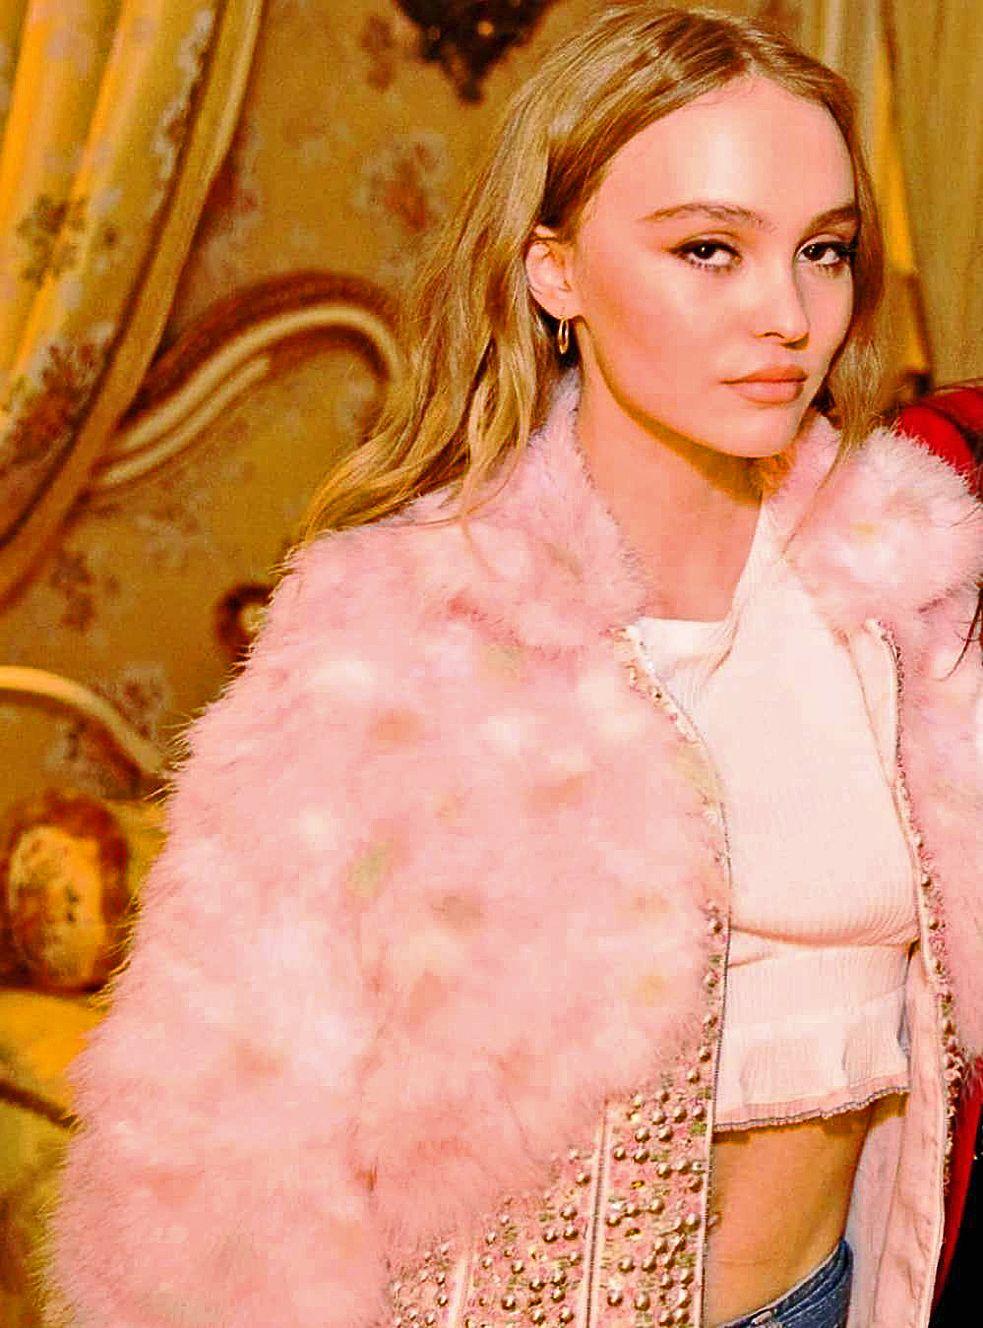 La soirée Vogue & Chanel au Ritz   – $ · v ·м ·м · е · г